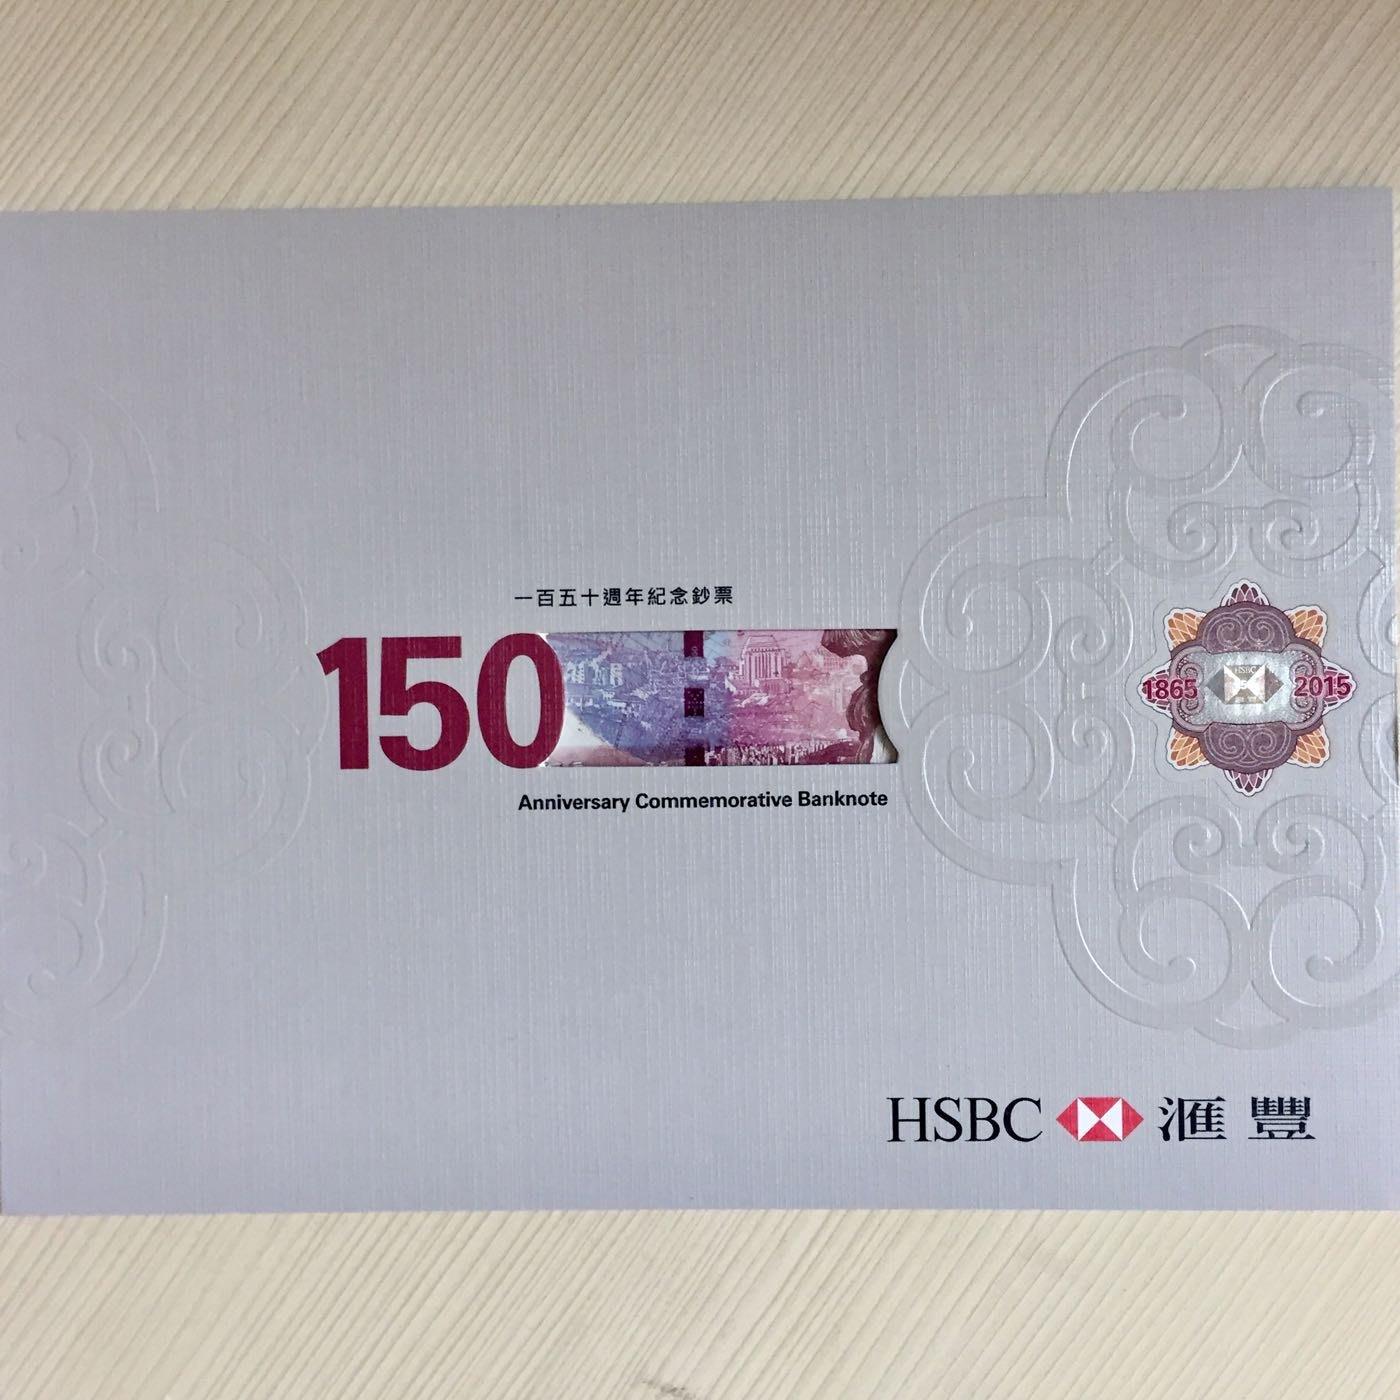 香港上海匯豐銀行成立150週年紀念鈔,港幣150元,AA字軌帶冊,品項如圖保真